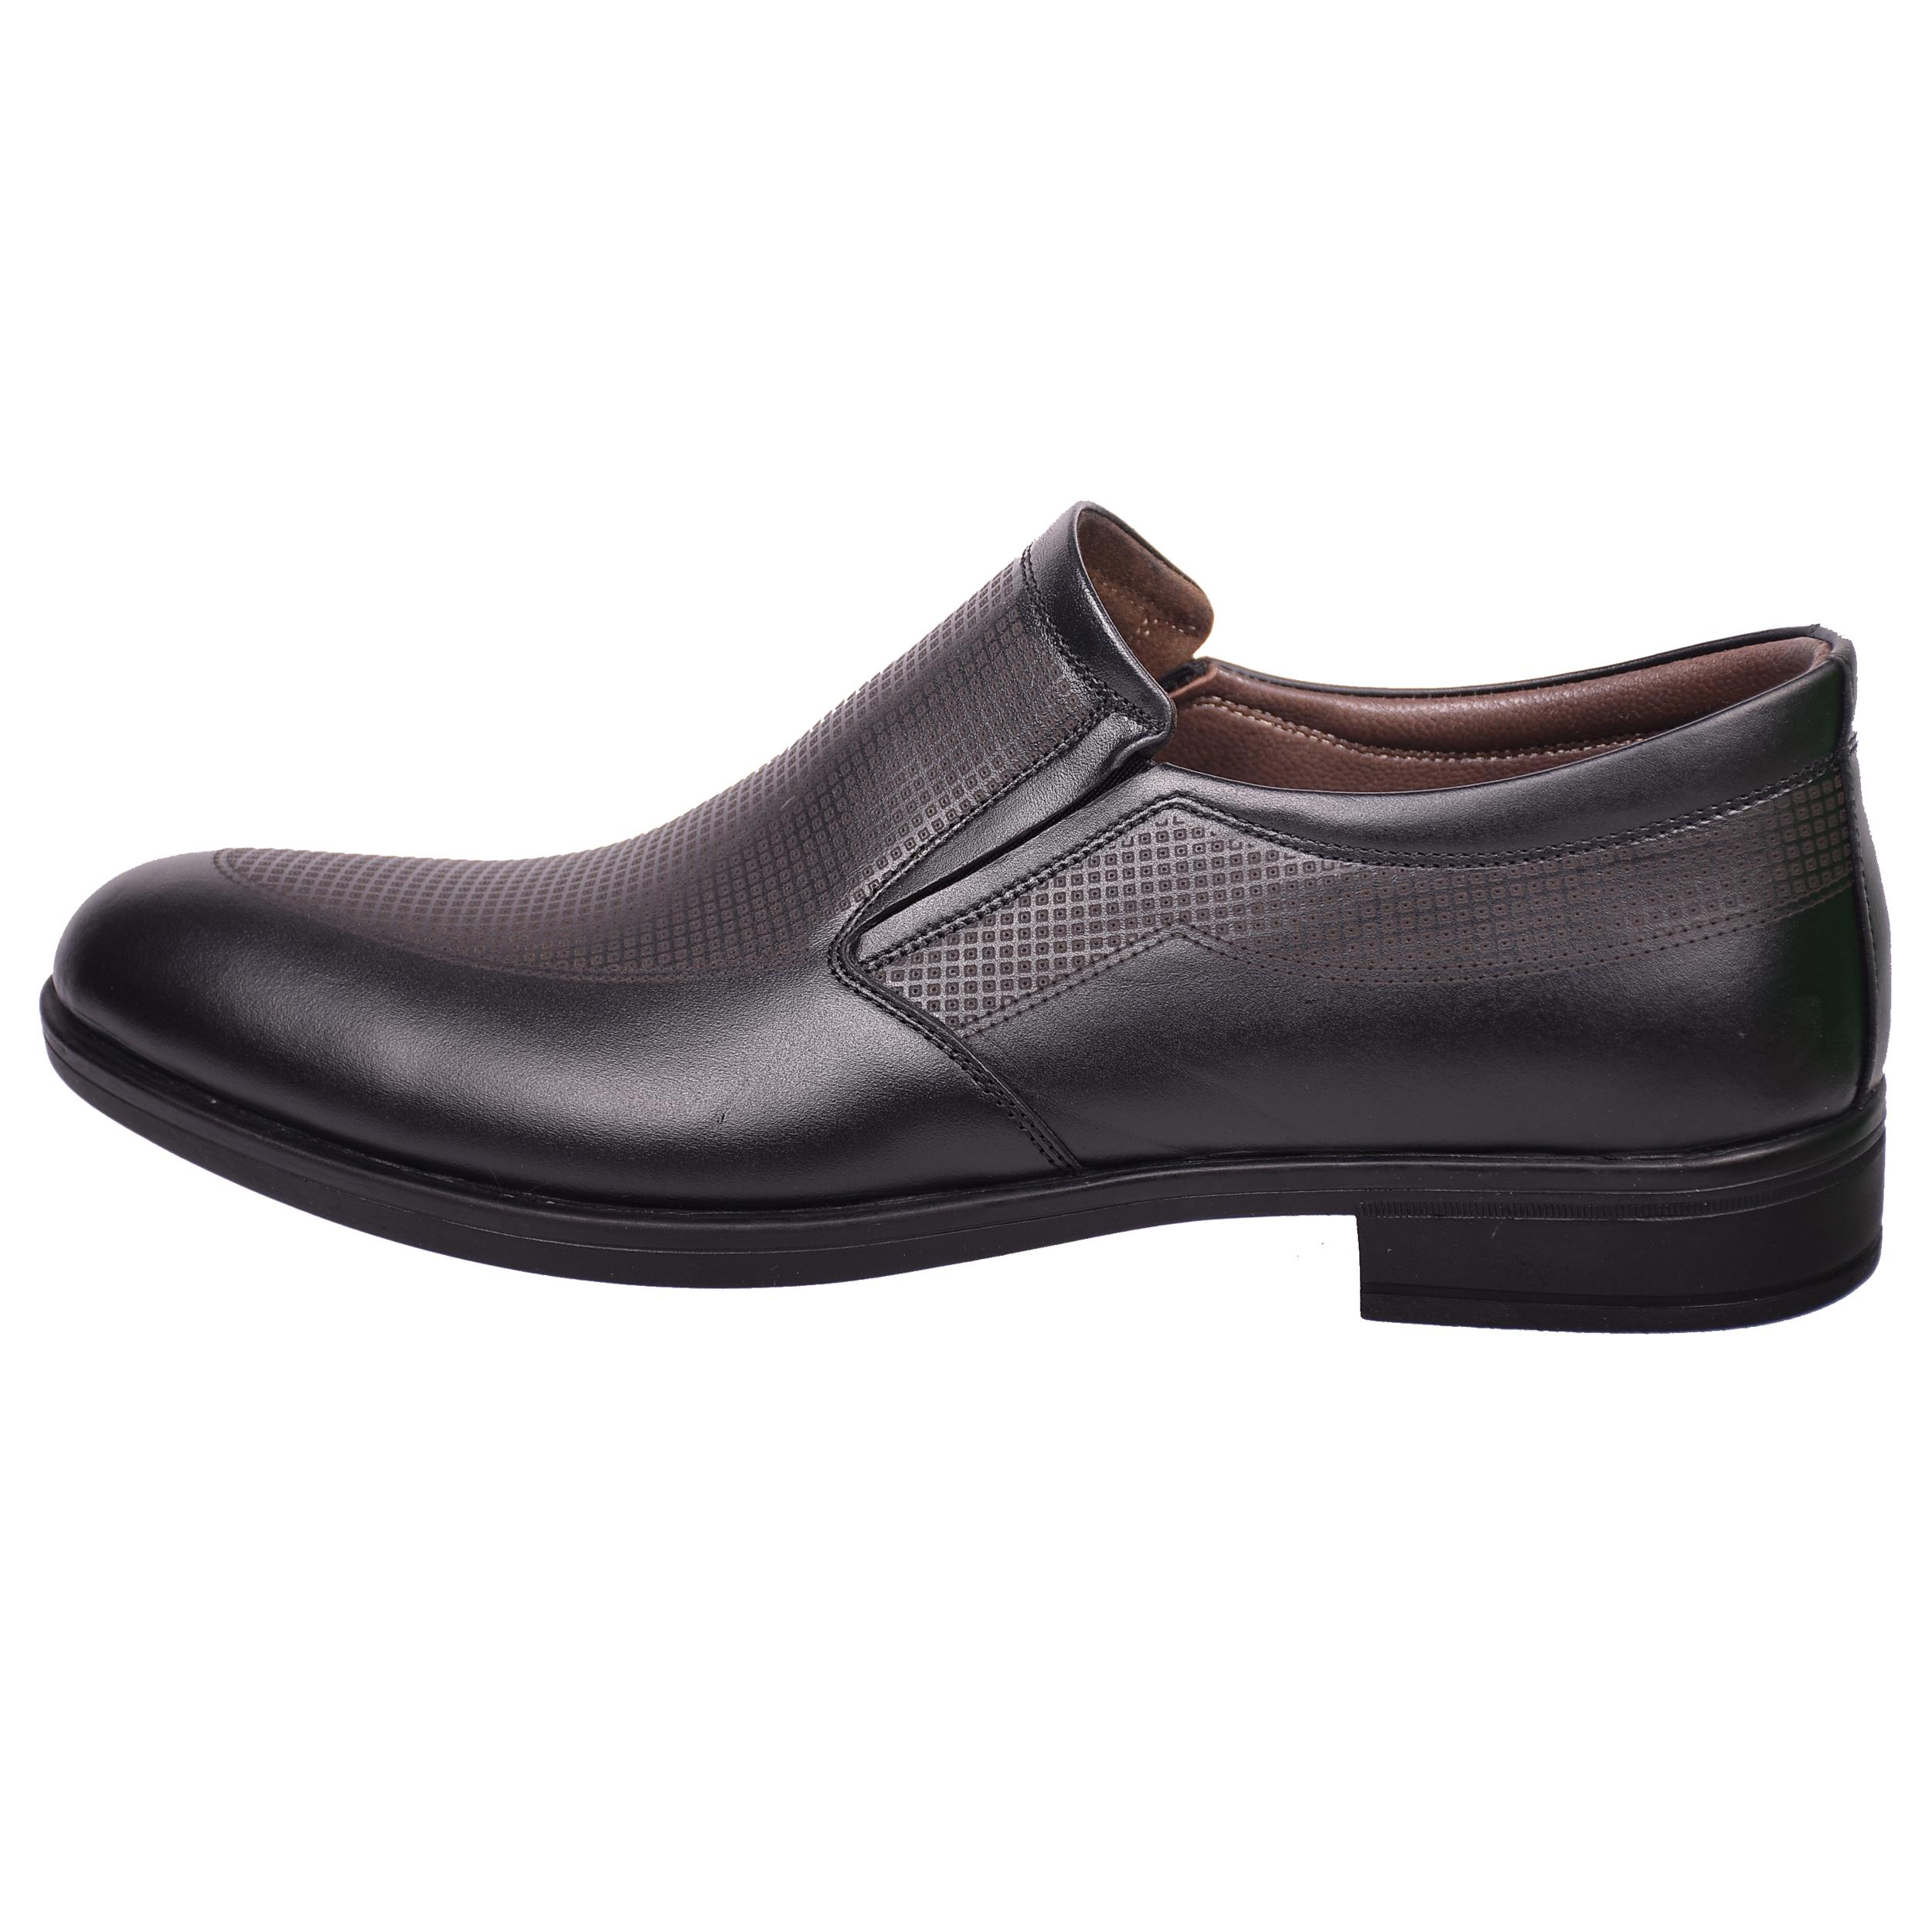 کفش مردانه امگا کد 1590